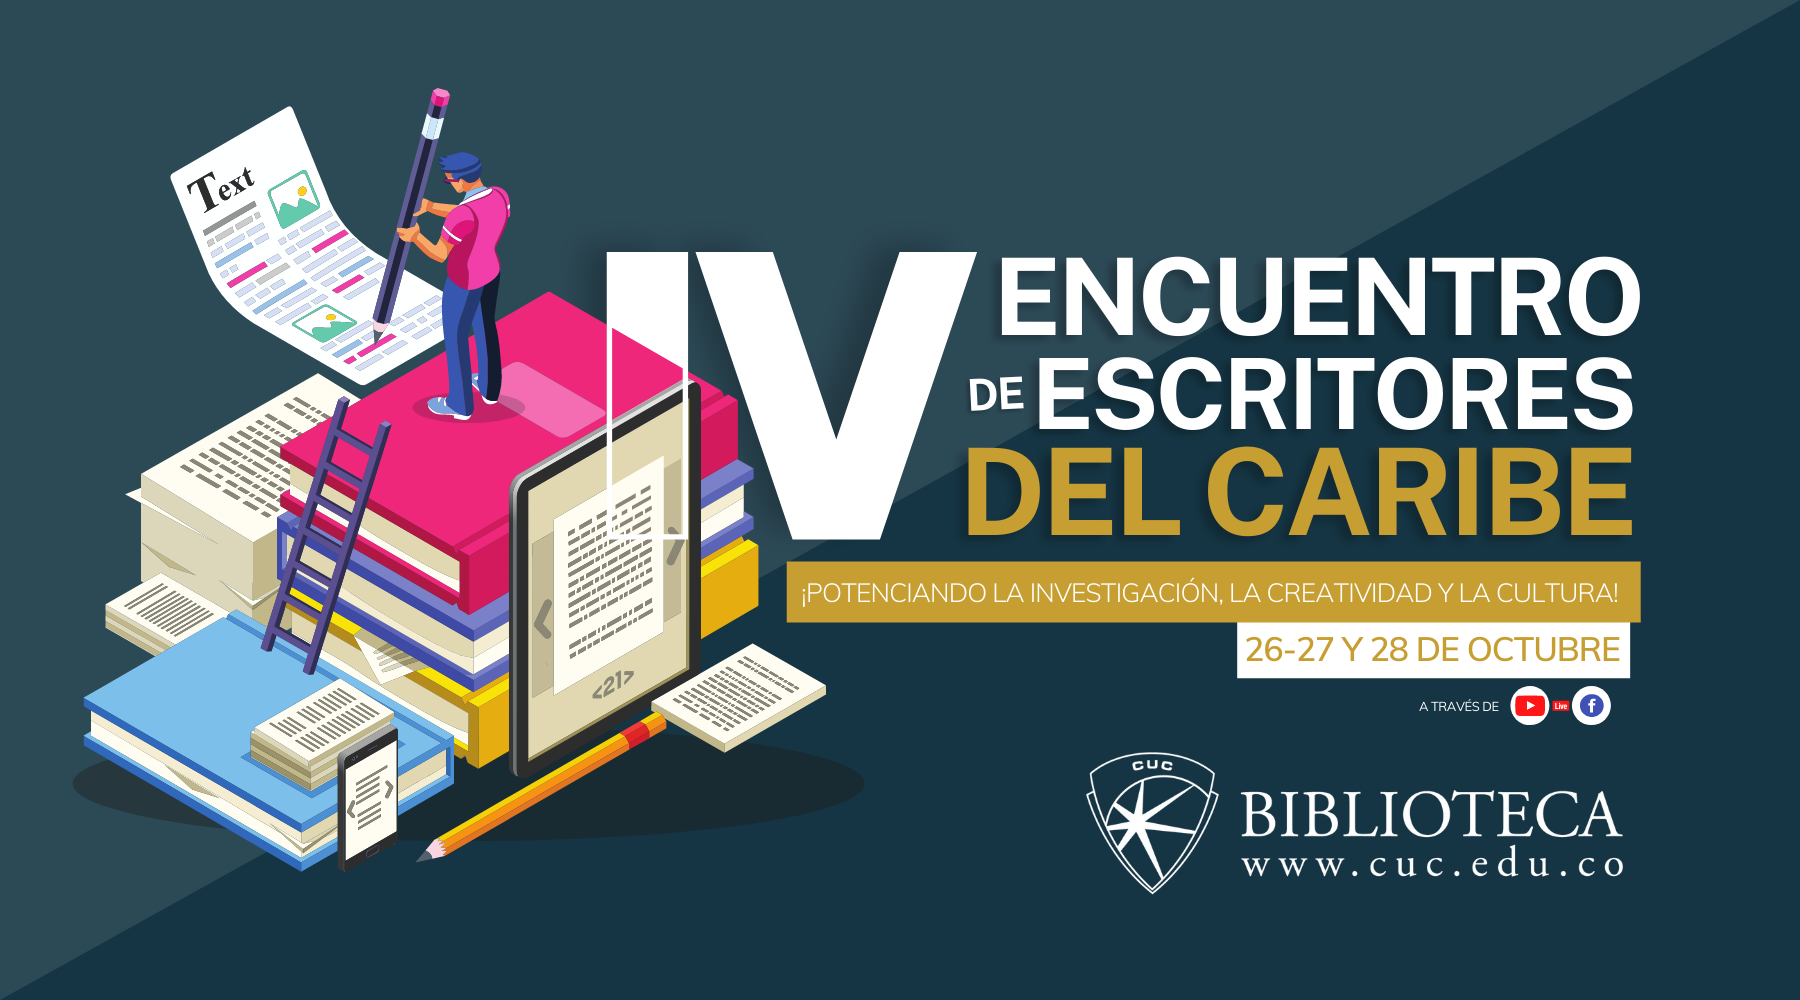 IV Encuentro de escritores del caribe colombiano